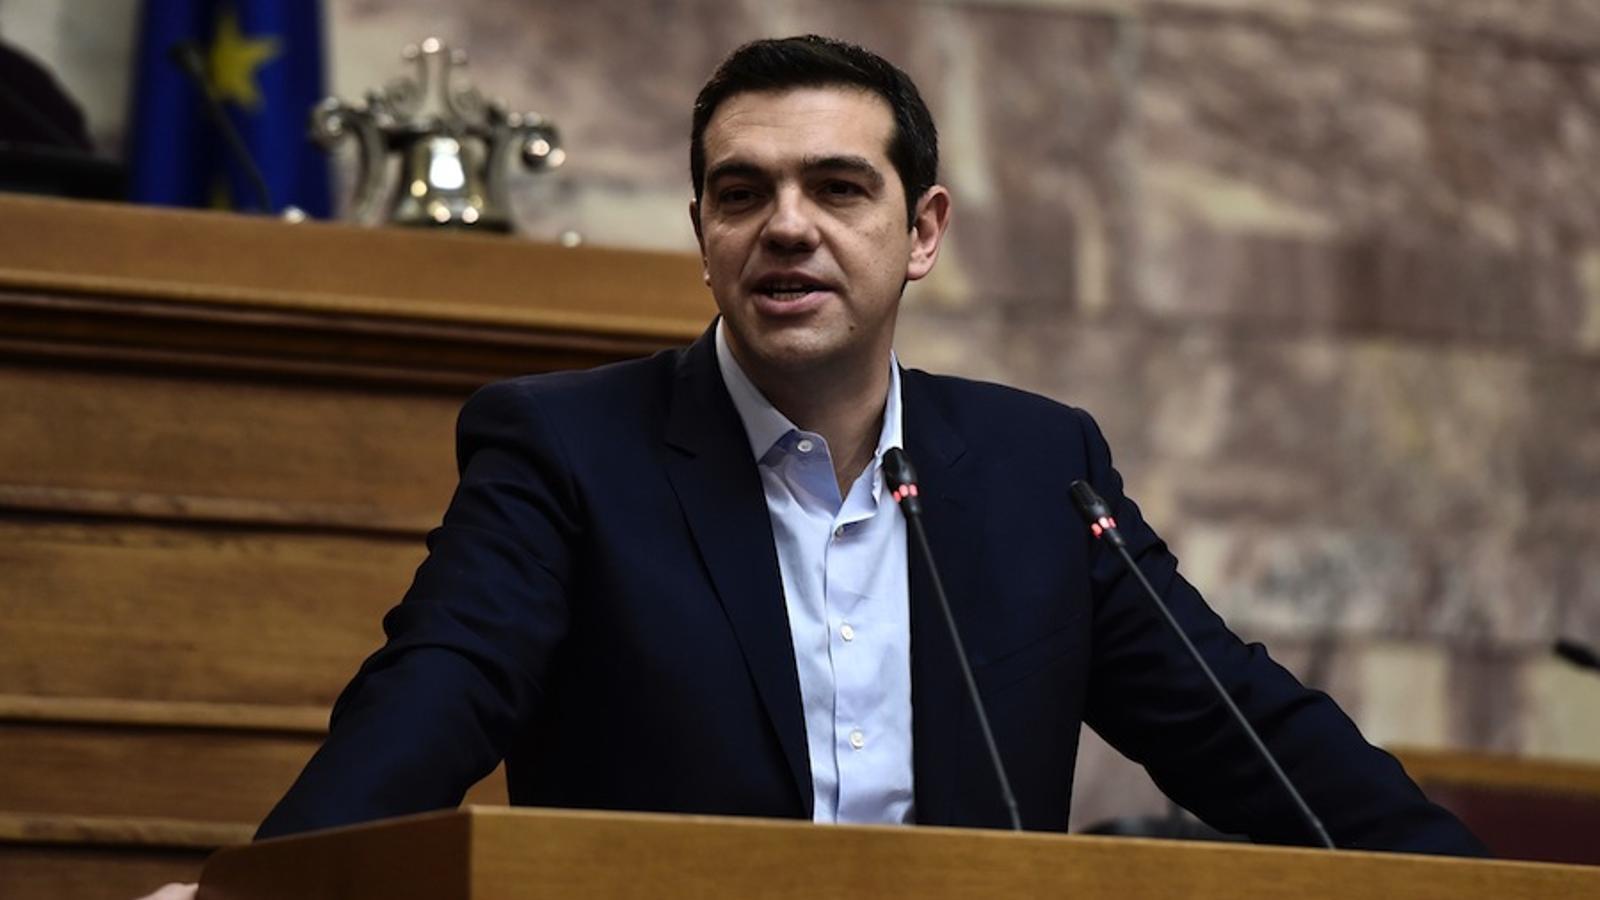 El nom de Macedònia trenca la coalició de govern a Grècia